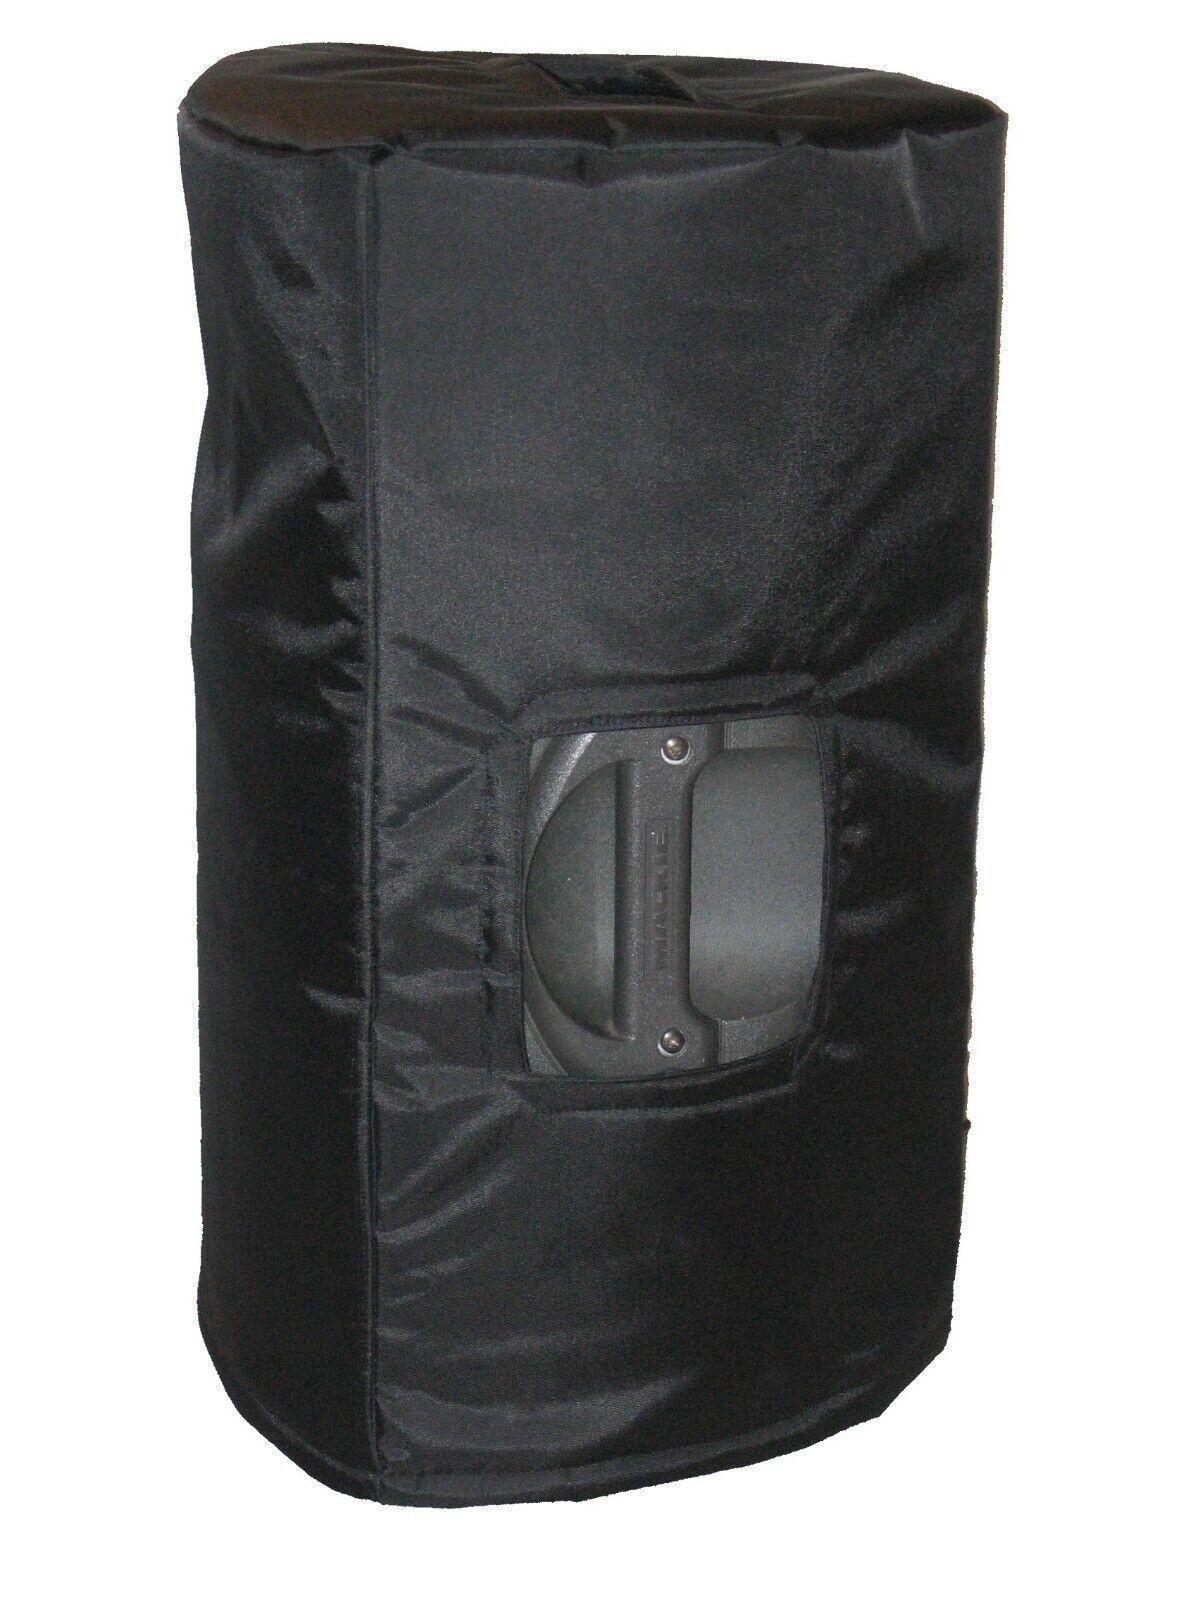 Mackie SRM 450 V1, V2, V3 Padded Speaker Slip Covers (PAIR)